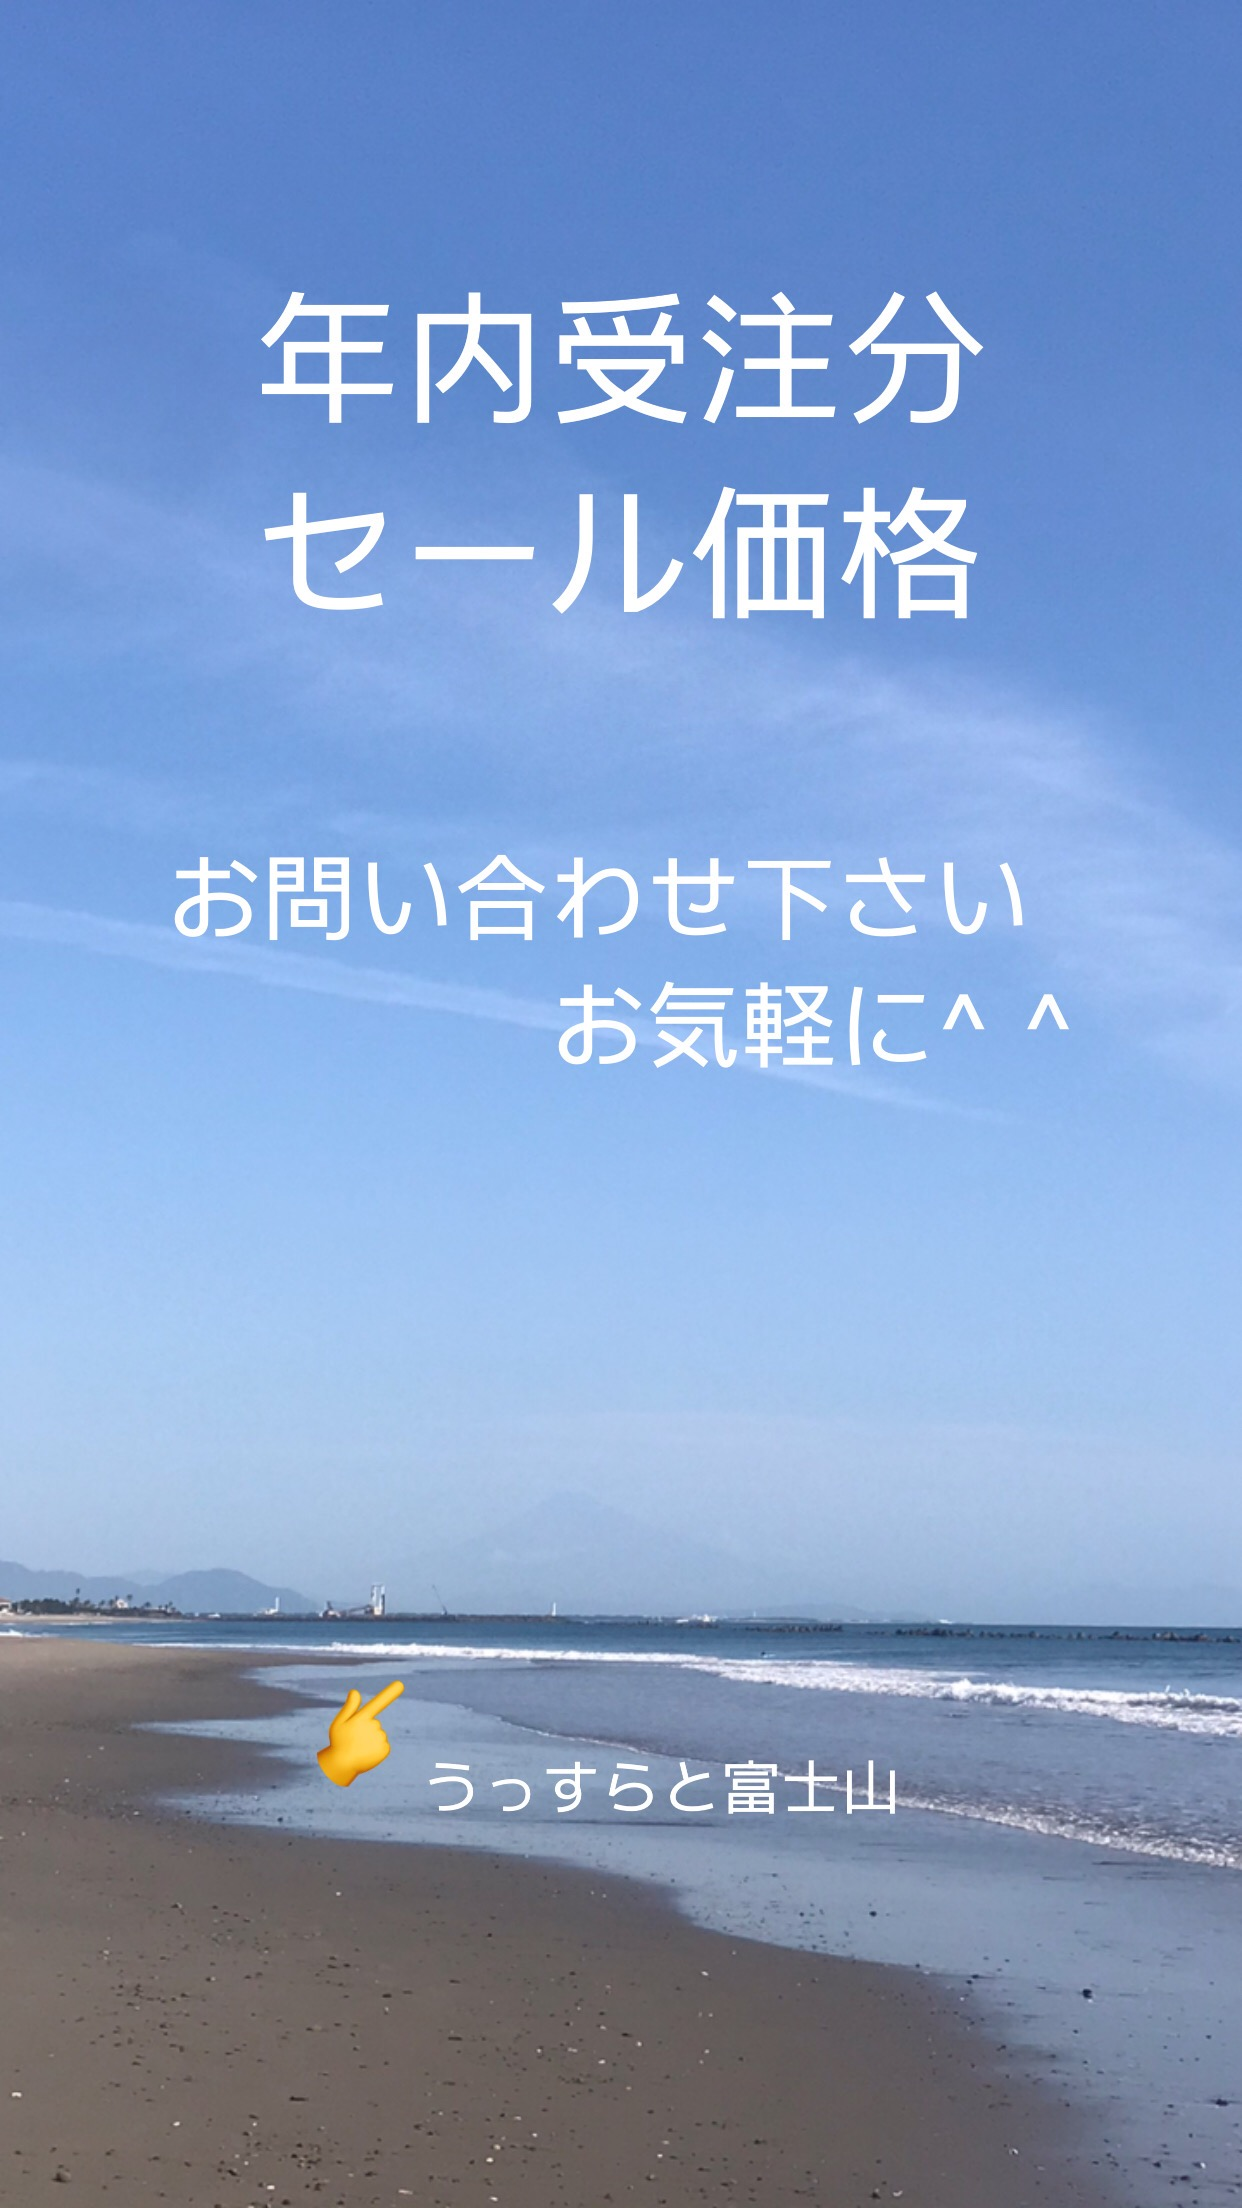 ステンレス遊具の藤永製作所株式会社